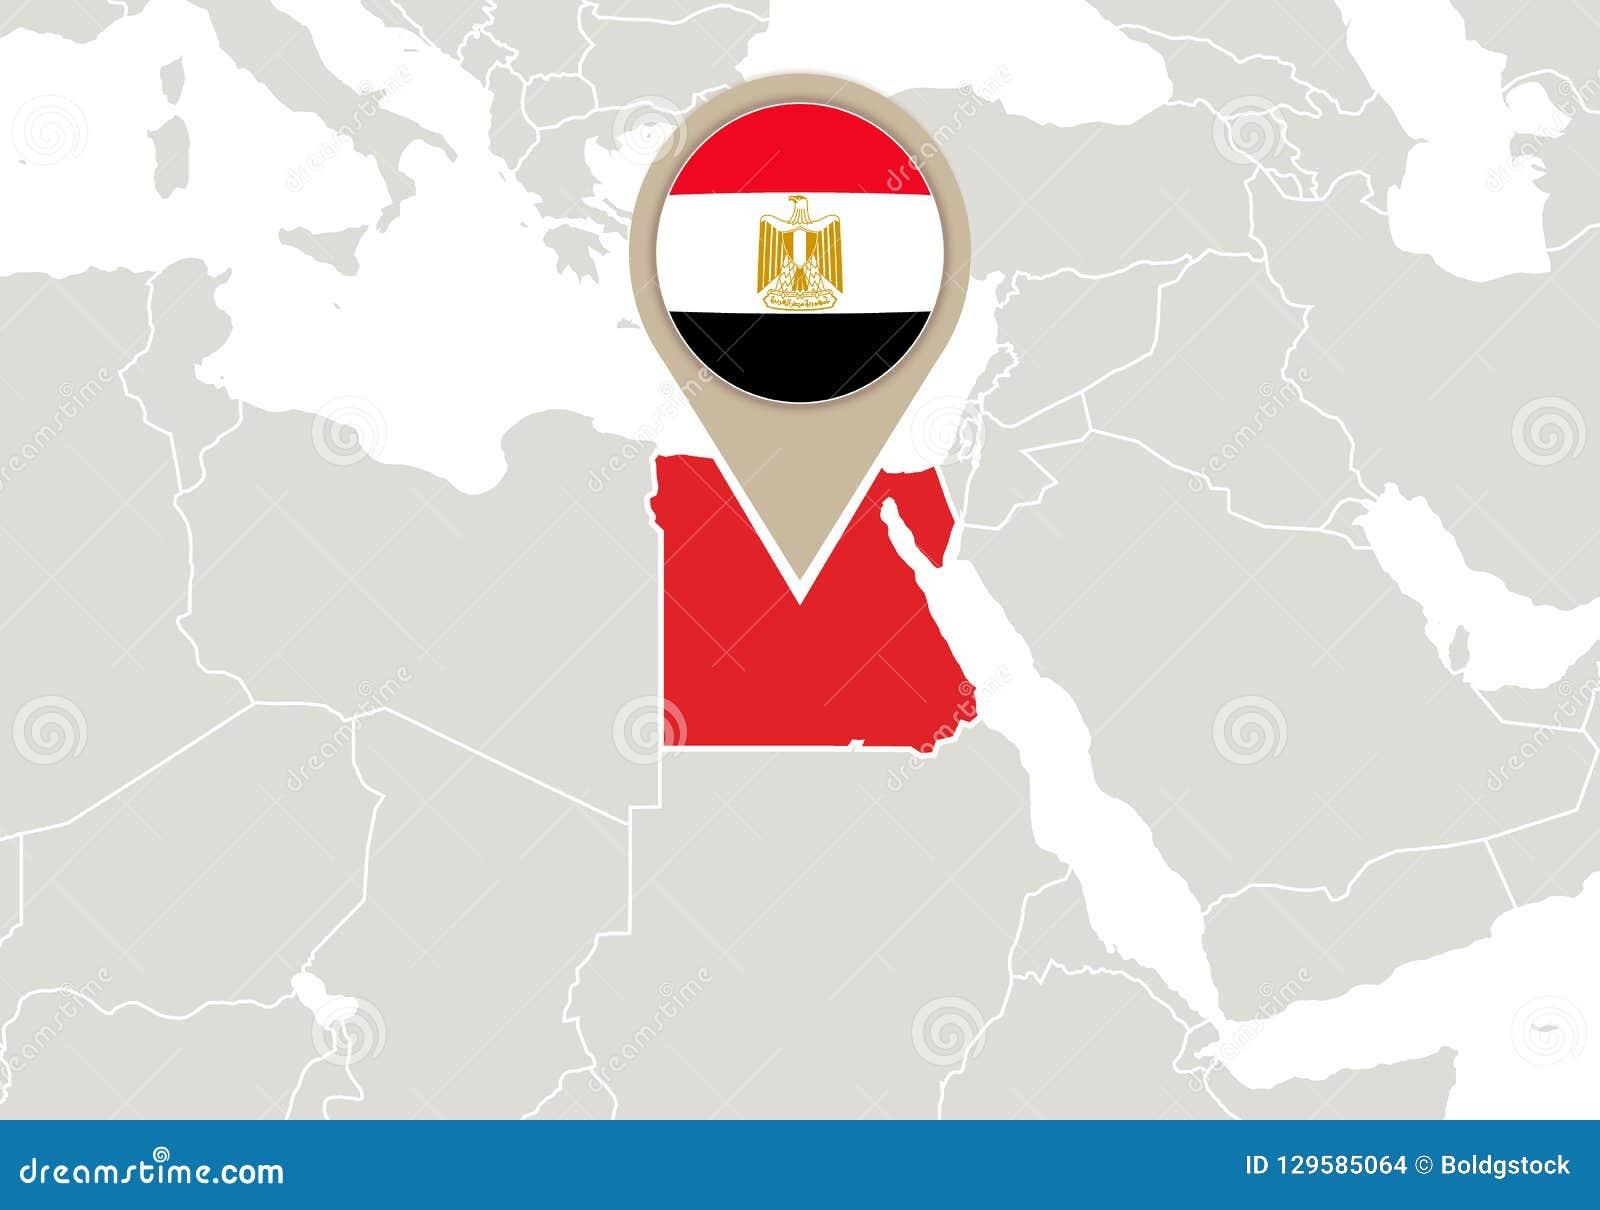 Image of: Egypt On World Map Stock Vector Illustration Of Landmark 129585064